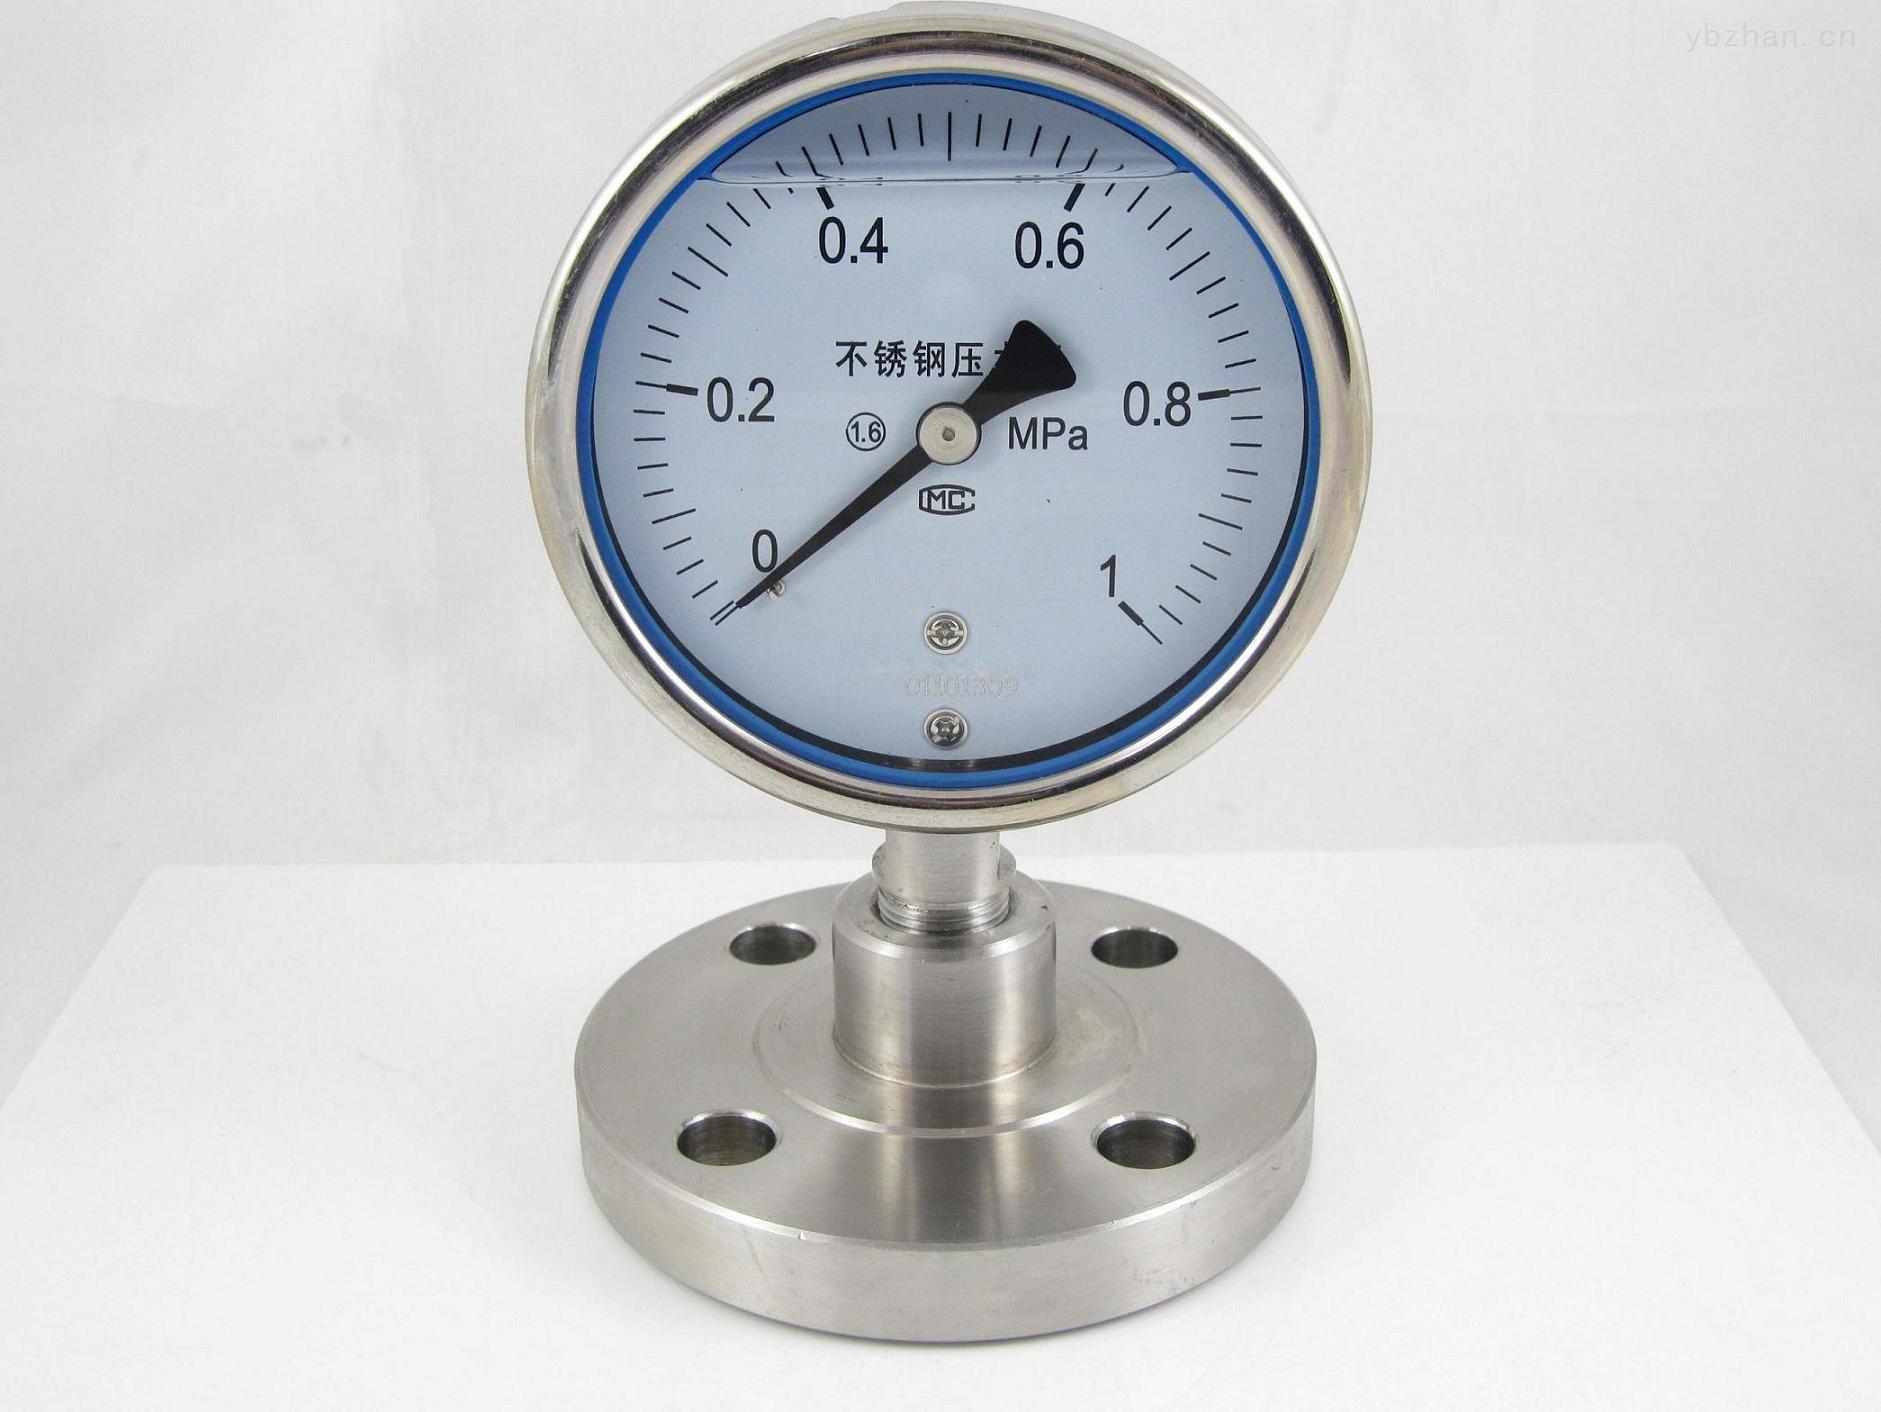 安徽威格weinstr仪表隔膜法兰压力表